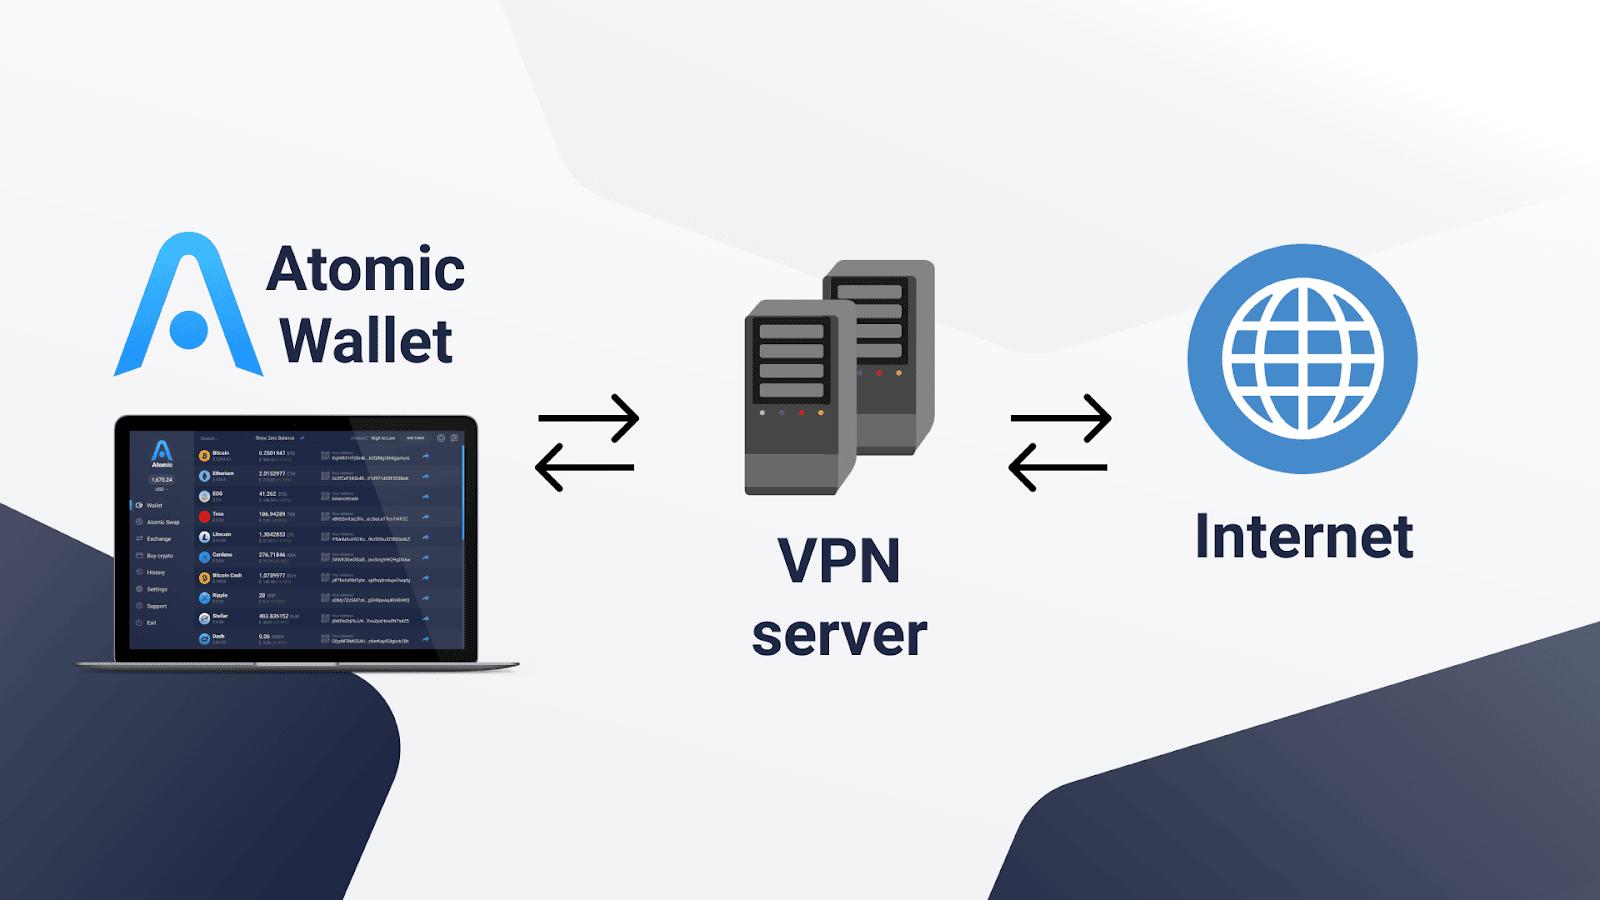 virtuelt privat nettverk